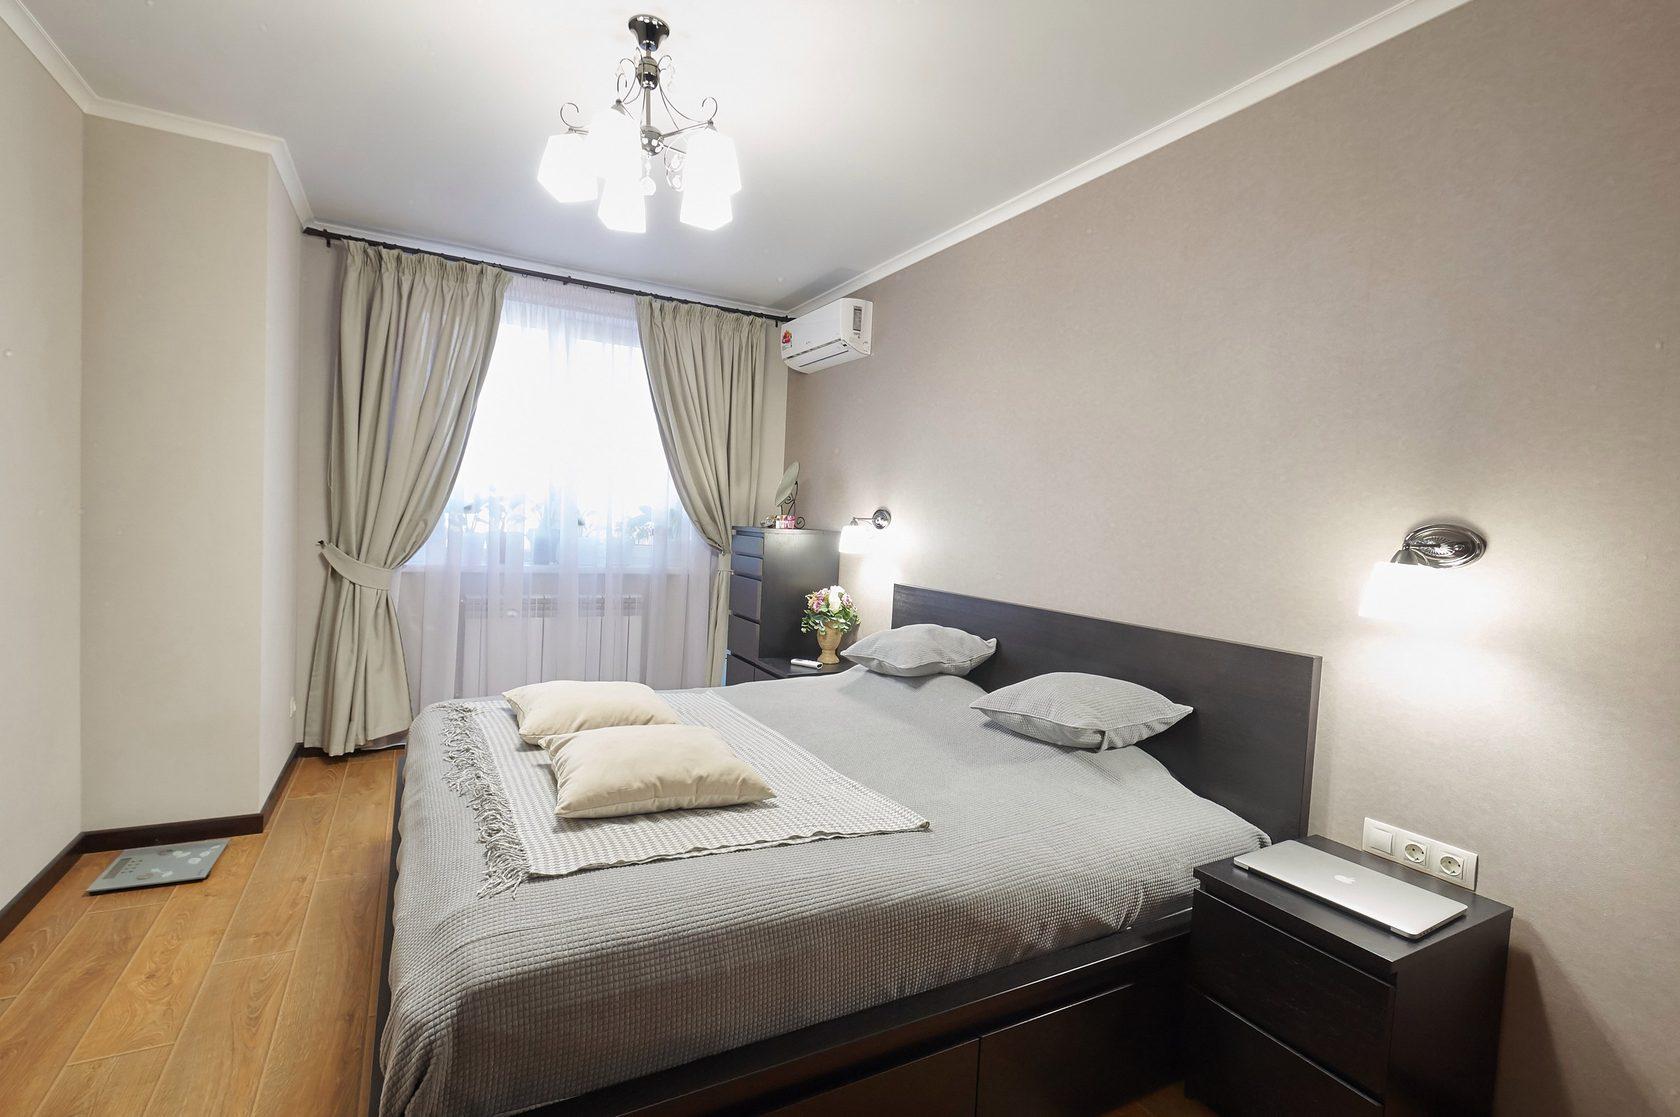 Отличное решение для спальни средних размеров.